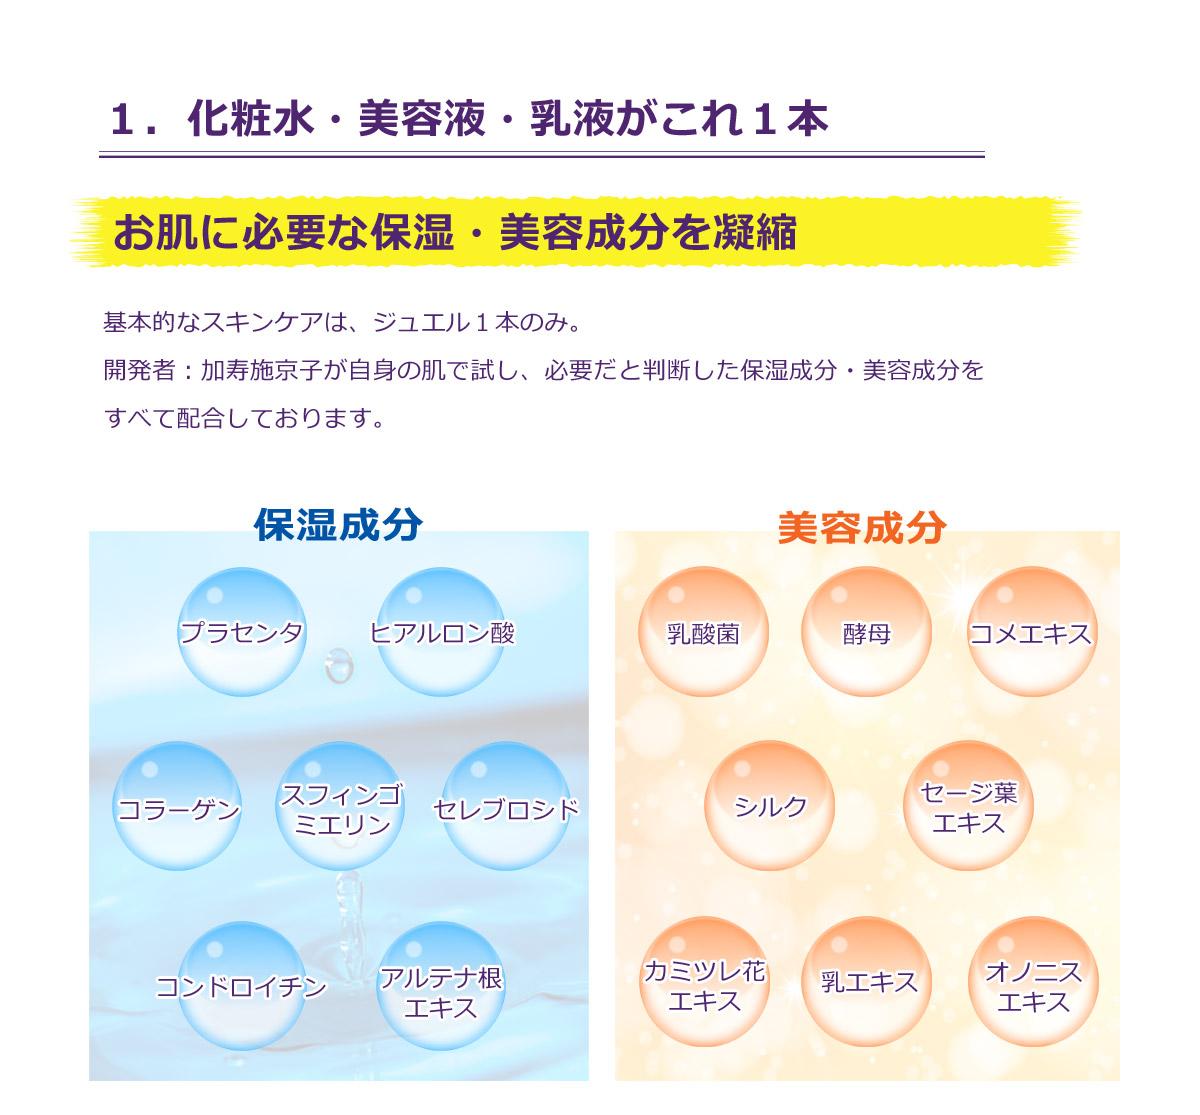 1.化粧水・美容液・乳液がこれ1本。基本的なスキンケアはジュエル1本のみ。しっかりとお肌に入れ込むためにも、保湿成分、美容成分を贅沢に配合しています。<保湿成分>プラセンタ、ヒアルロン酸、コラーゲン<美容成分>乳酸菌、酵母、コメエキス、シルク